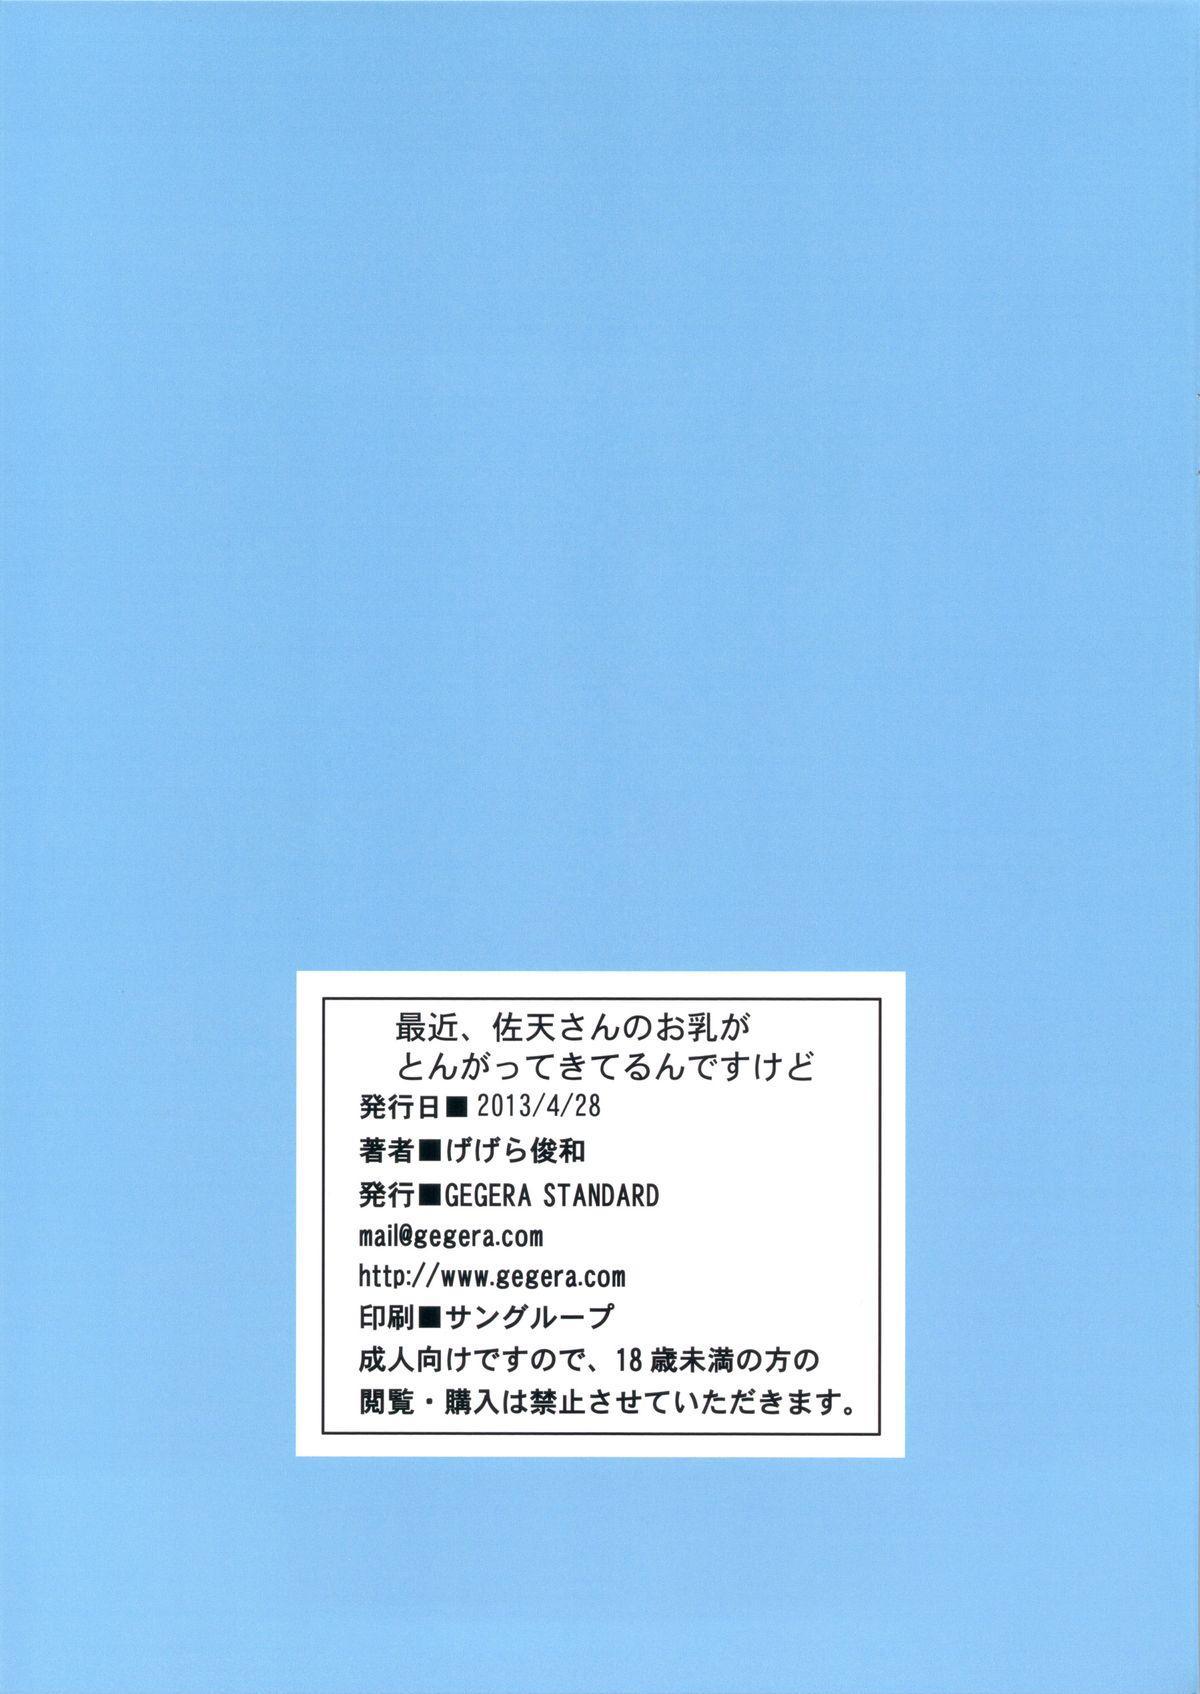 (COMIC1☆7) [GEGERA STANDARD (Gegera Toshikazu)] Saikin Saten-san no Ochichi ga Tongatte Kite run Desu Kedo | Lately Saten-san's Nipples Have Become Pointy (Toaru Kagaku no Railgun) [English] [doujin-moe.us] 12